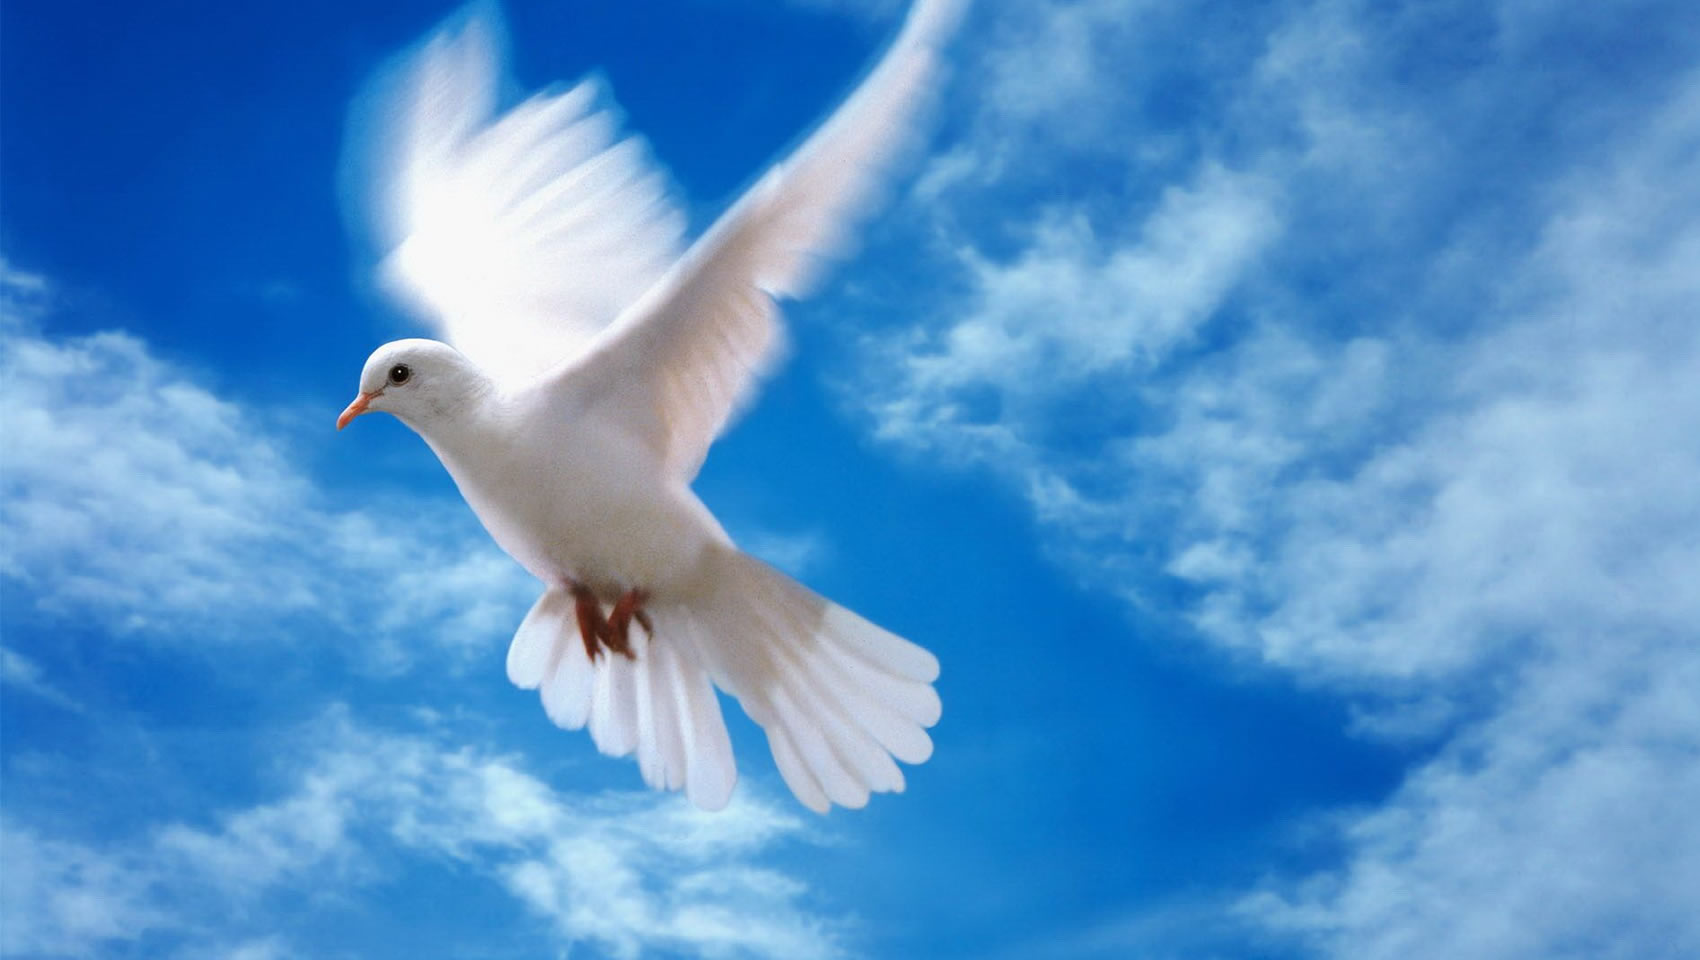 Pentecoste colomba fano